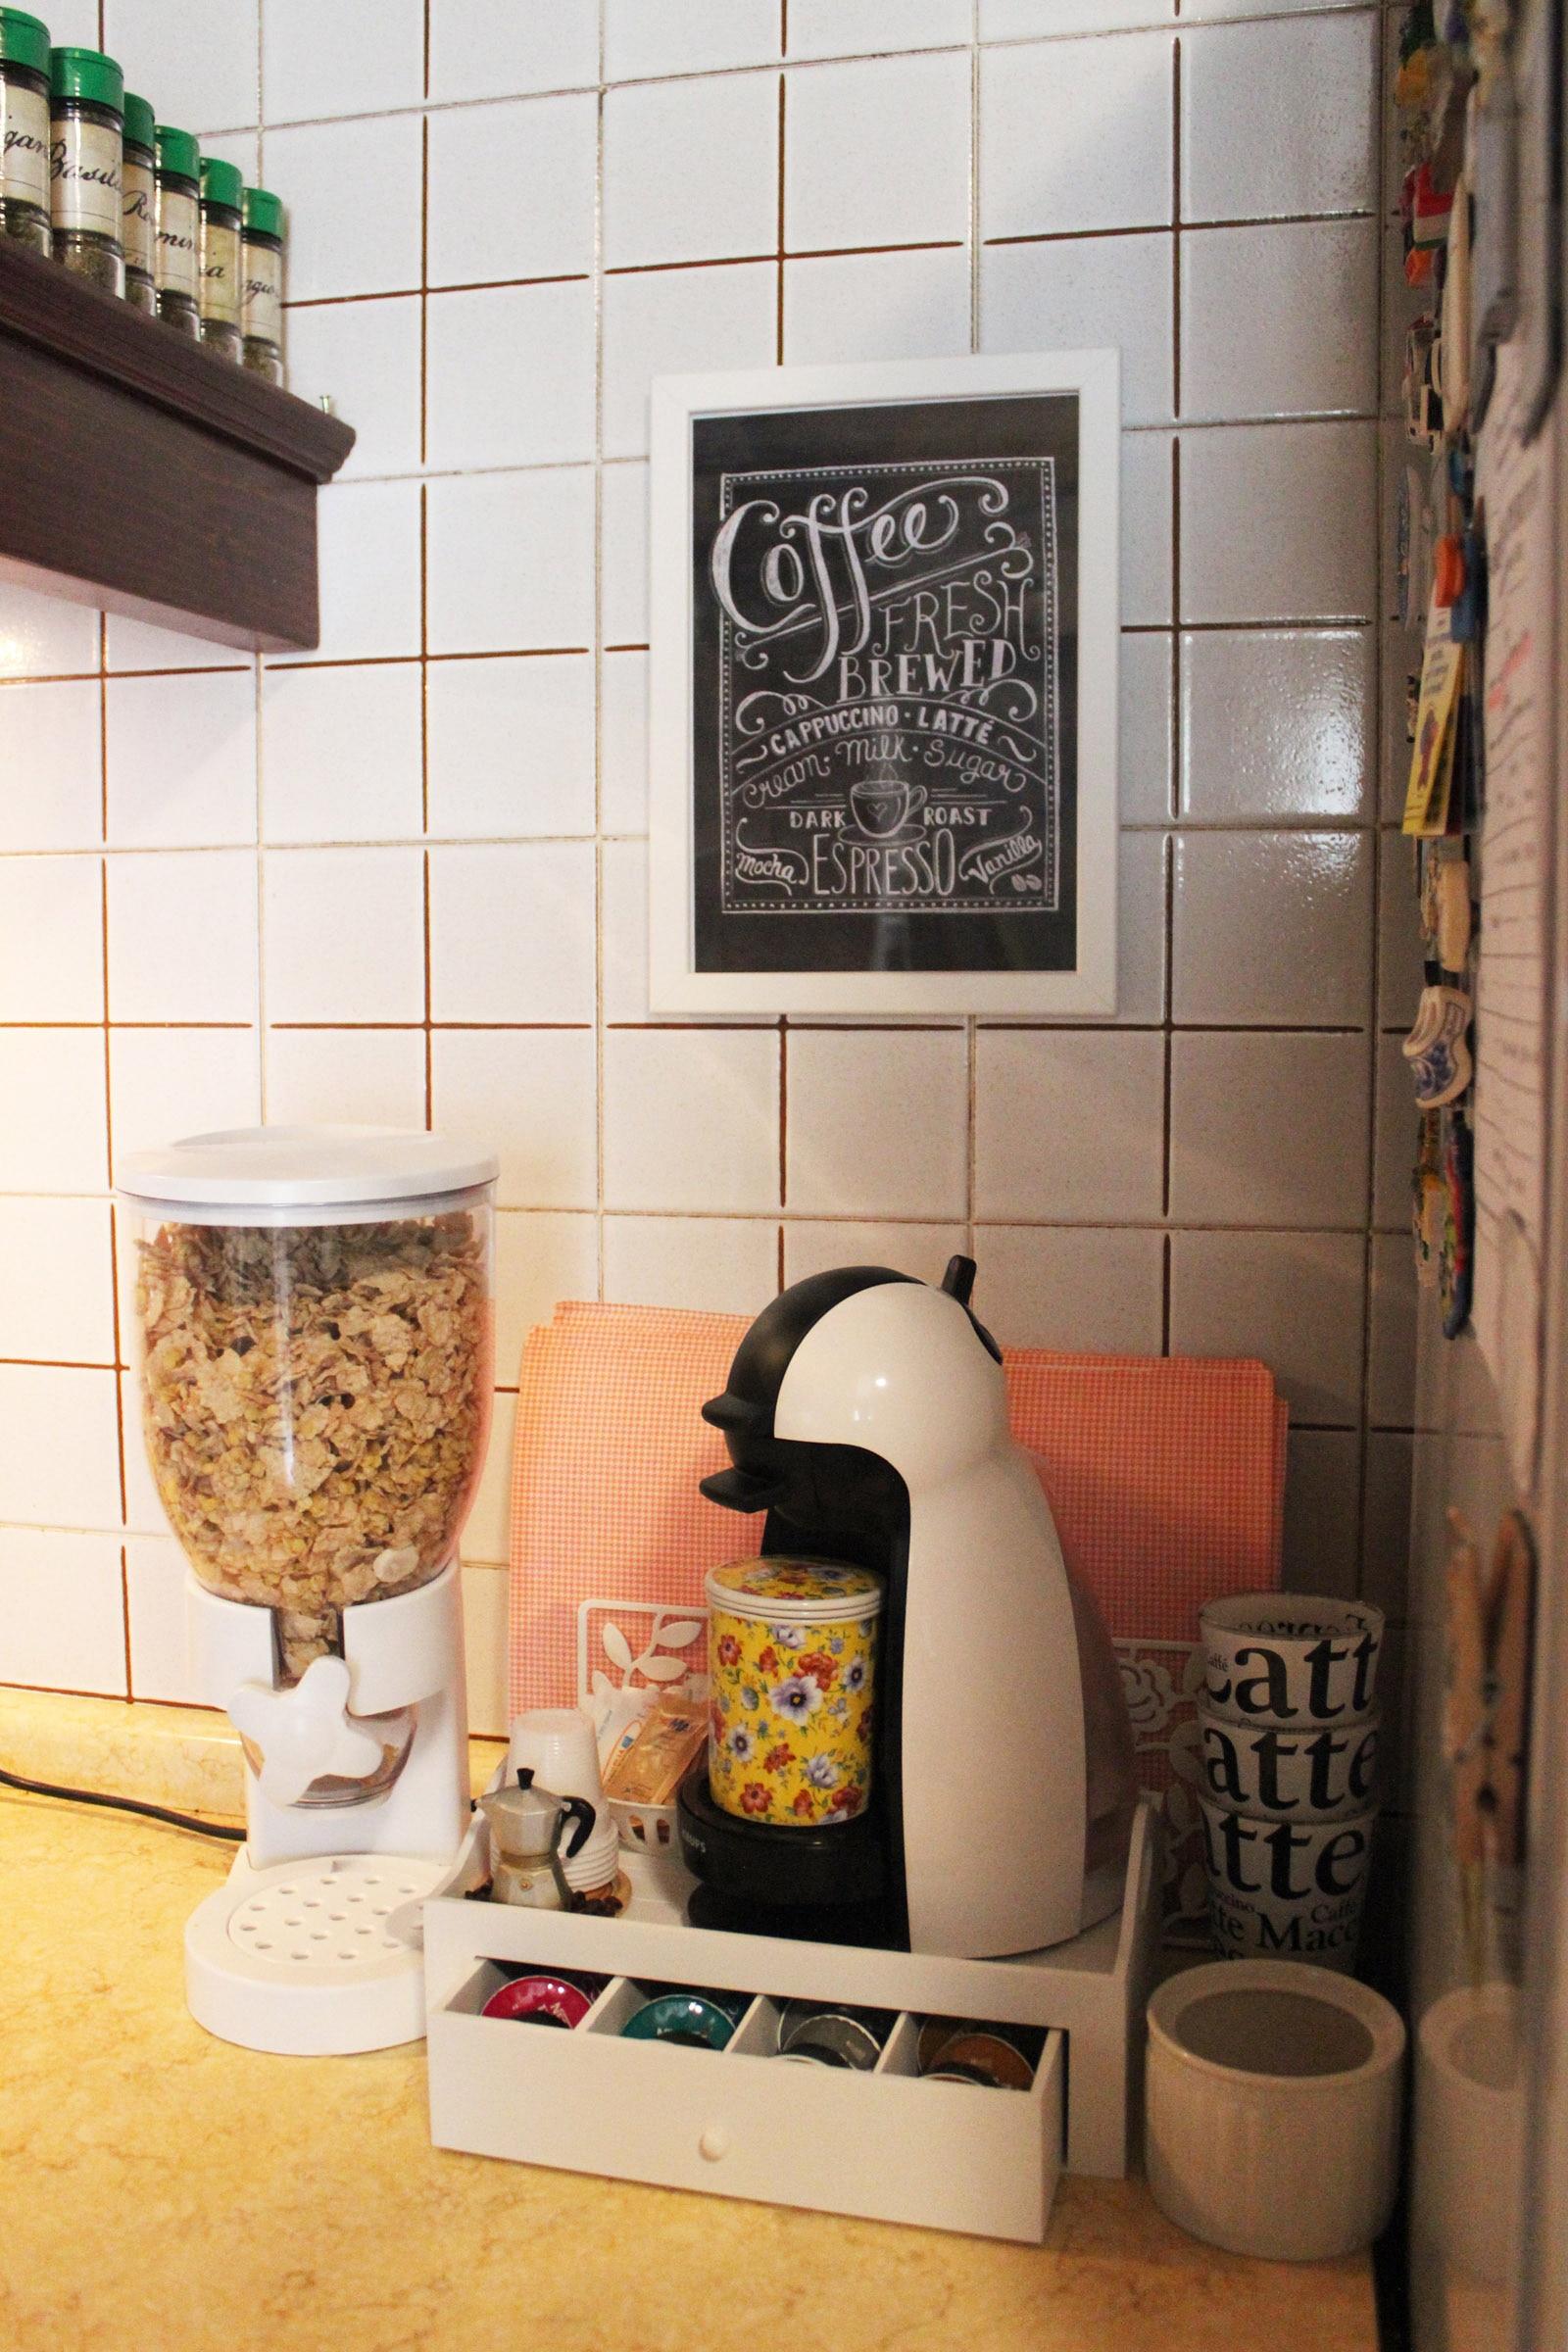 Organizzare la cucina 5 consigli utili per ottenere pi - Ikea porta spugne ...